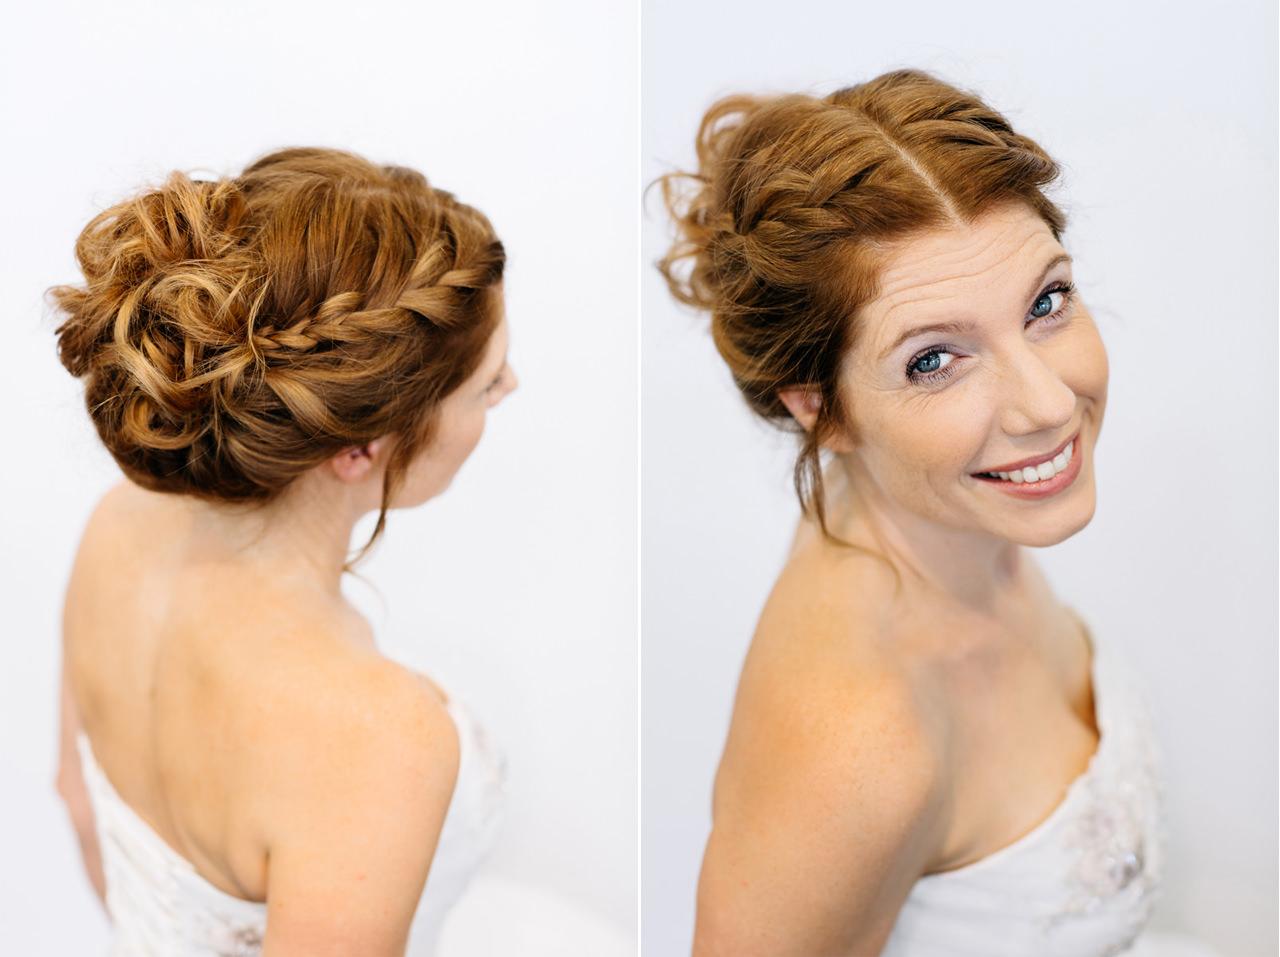 Frisuren Hochgesteckt Hochzeit Frisuren Manner